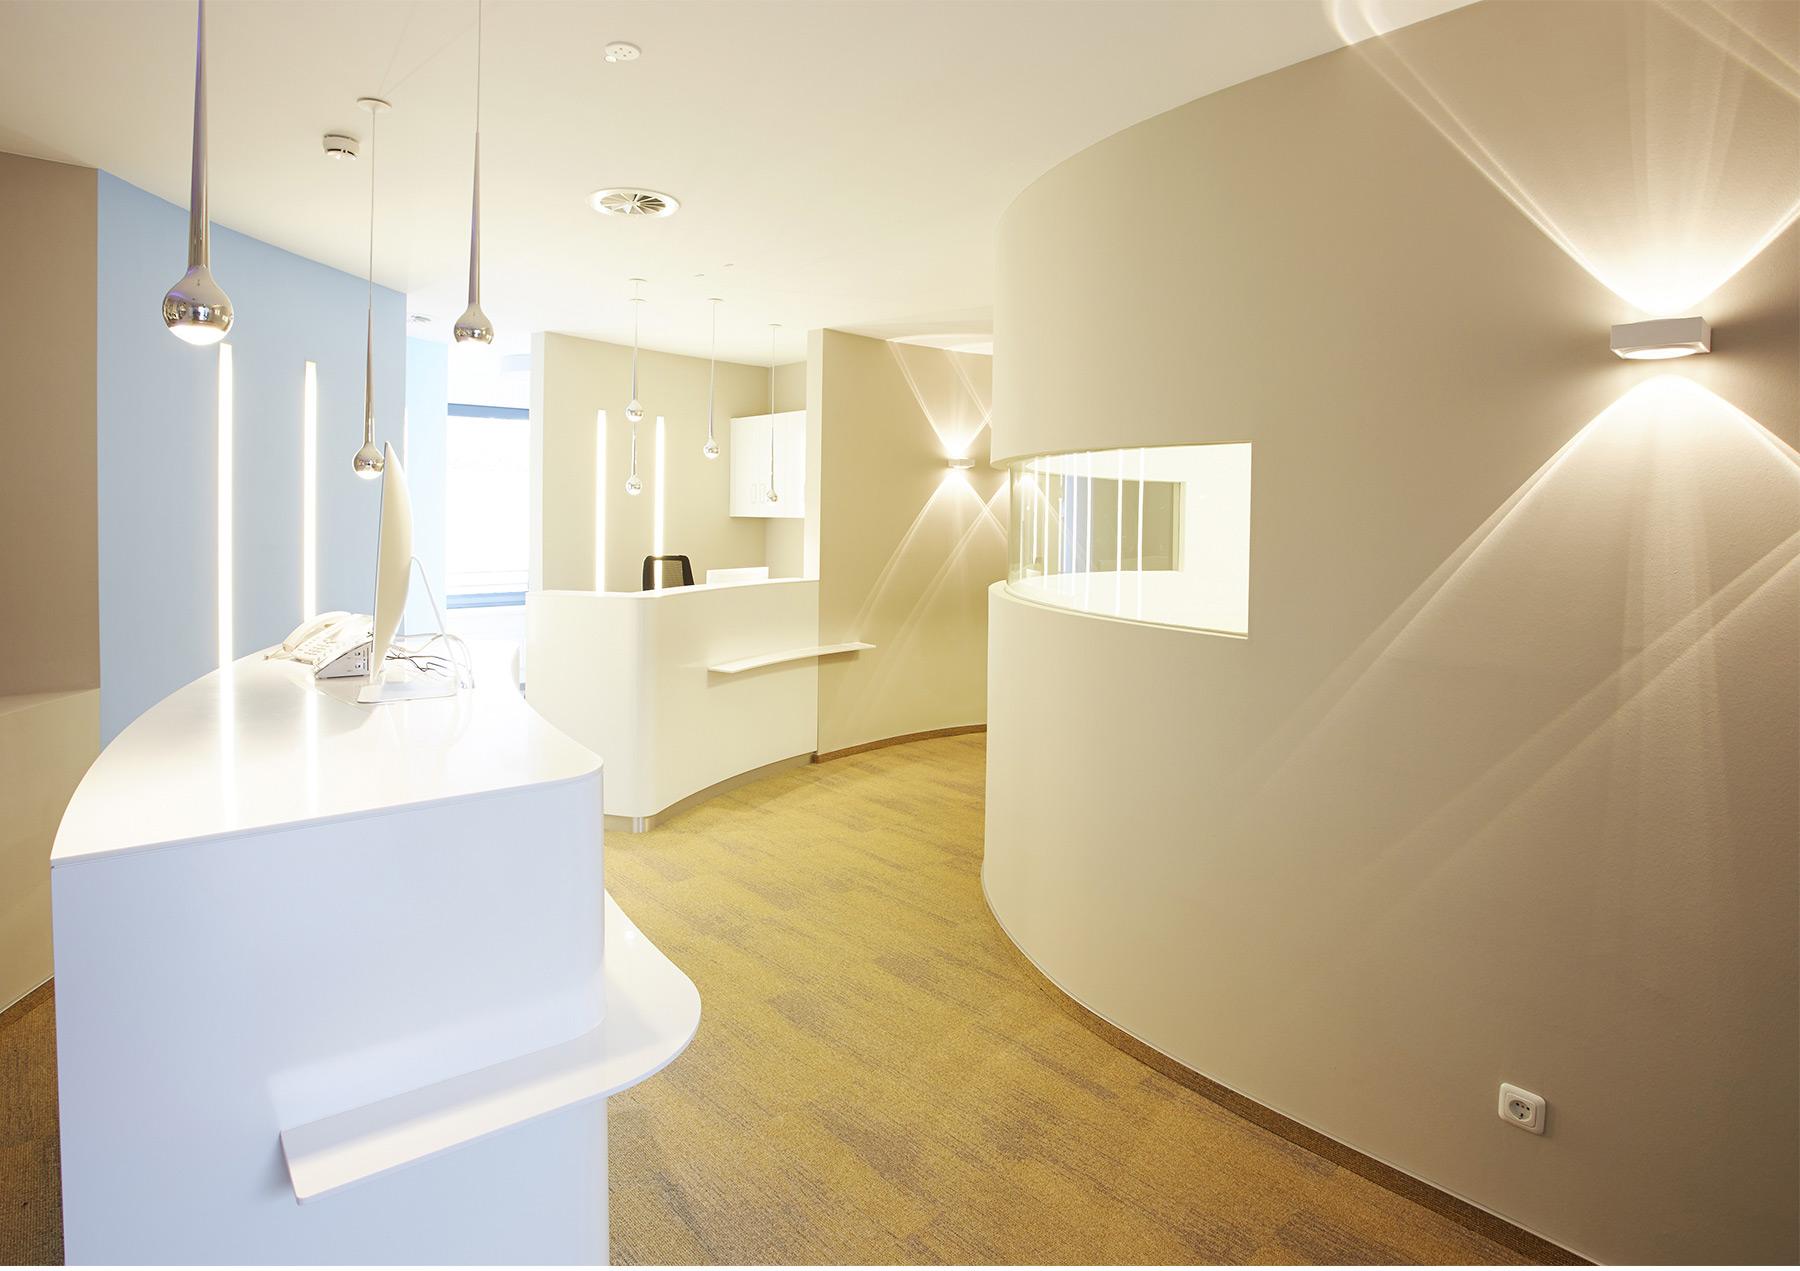 Zahnarztpraxis Gestaltung Referenz Innenarchitektur SDW DESIGN